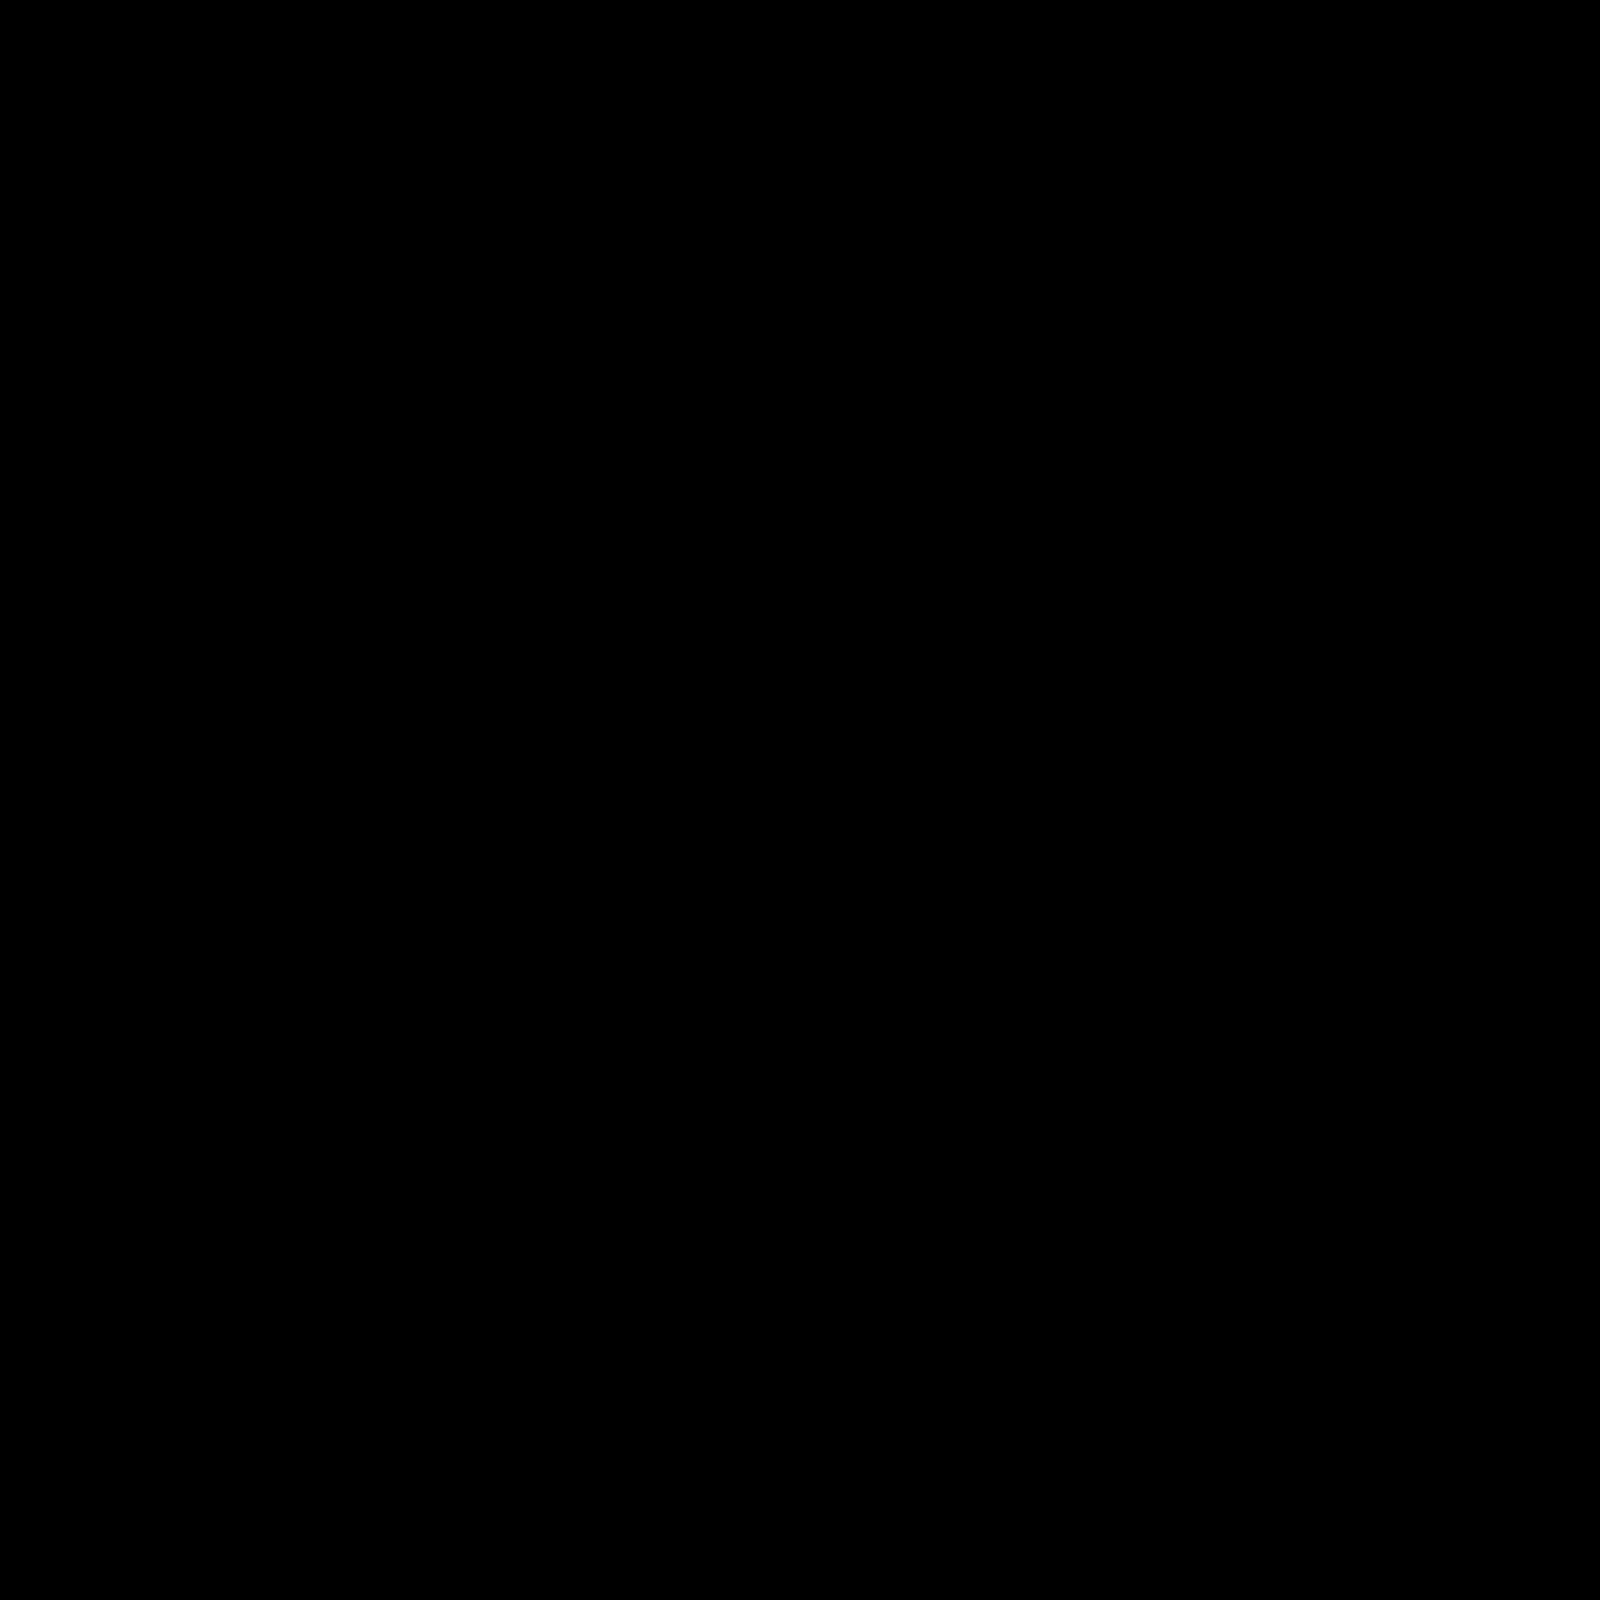 Przegrany icon